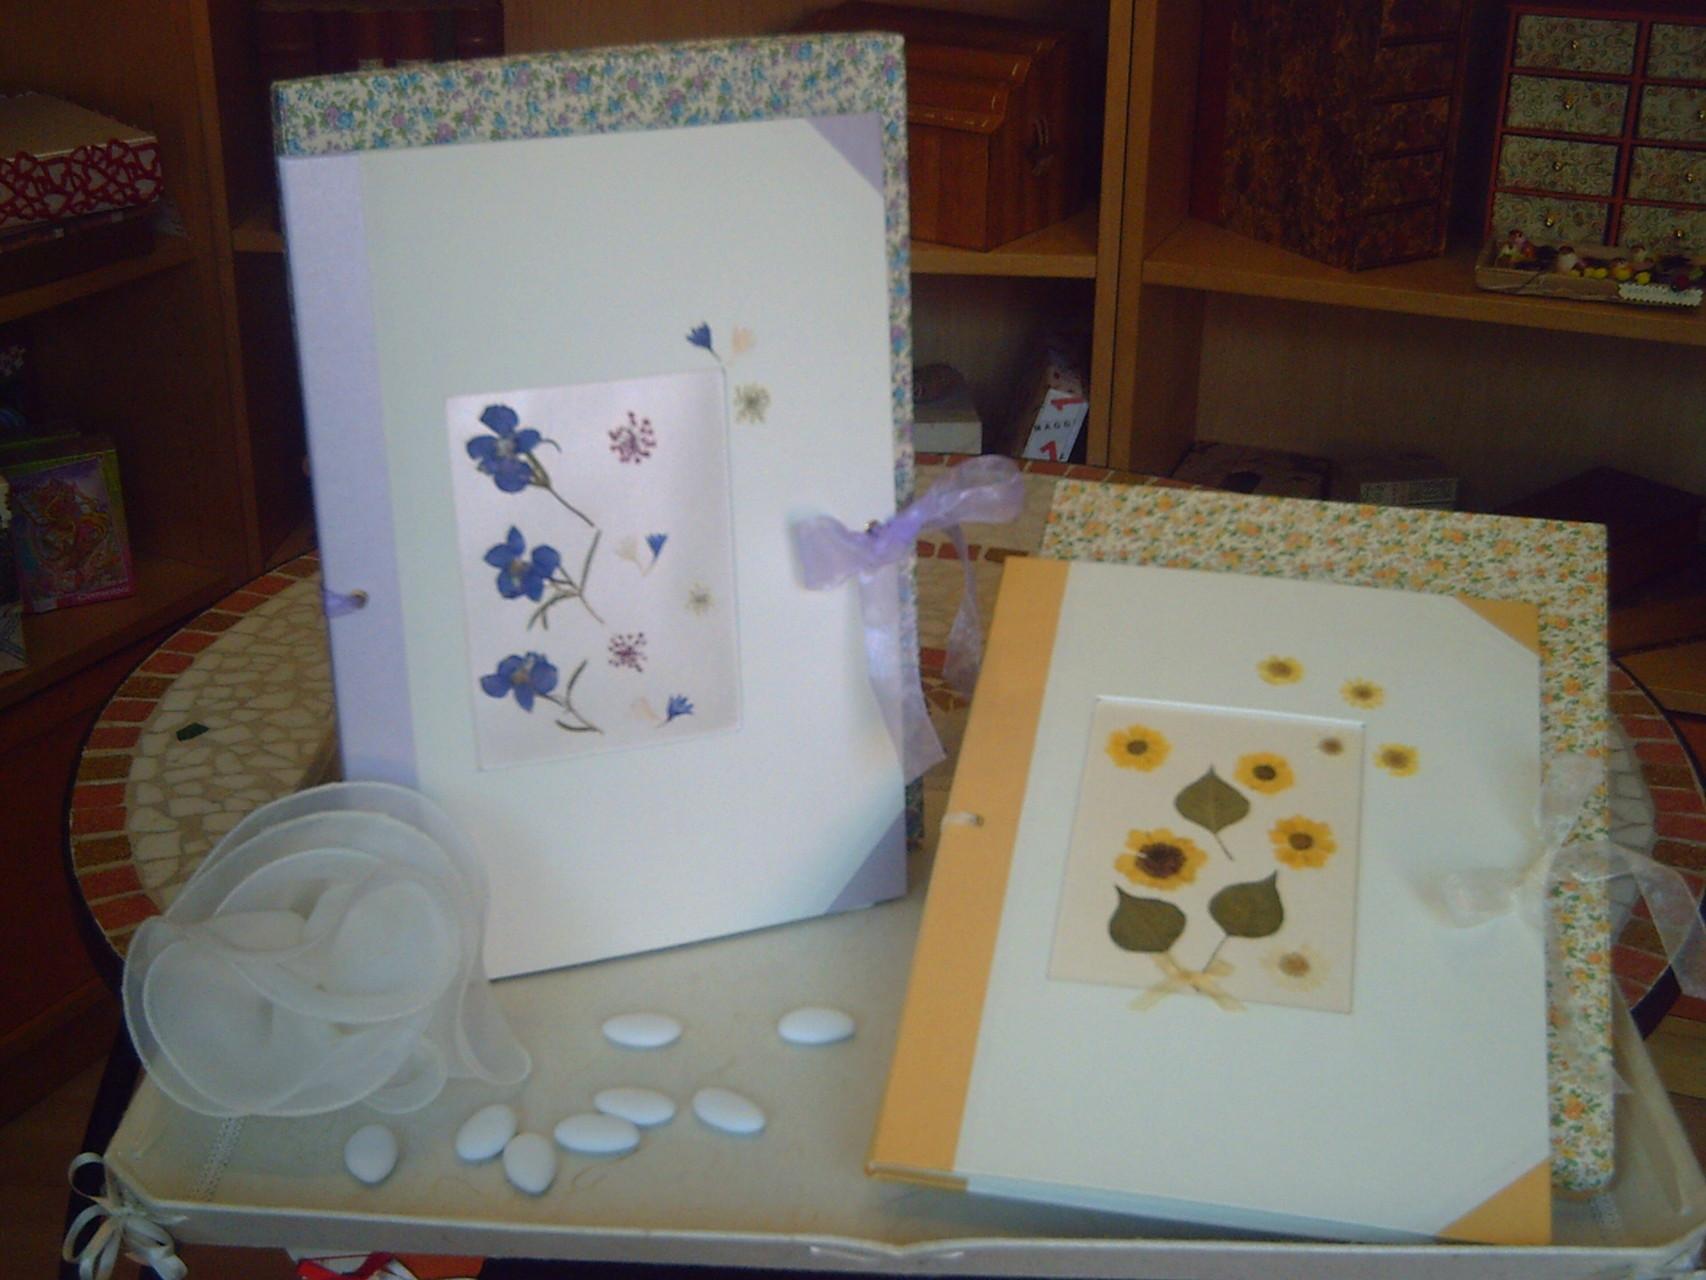 Libri firme con fiori pressati sulle copertina e chiusura con nastro d'organza